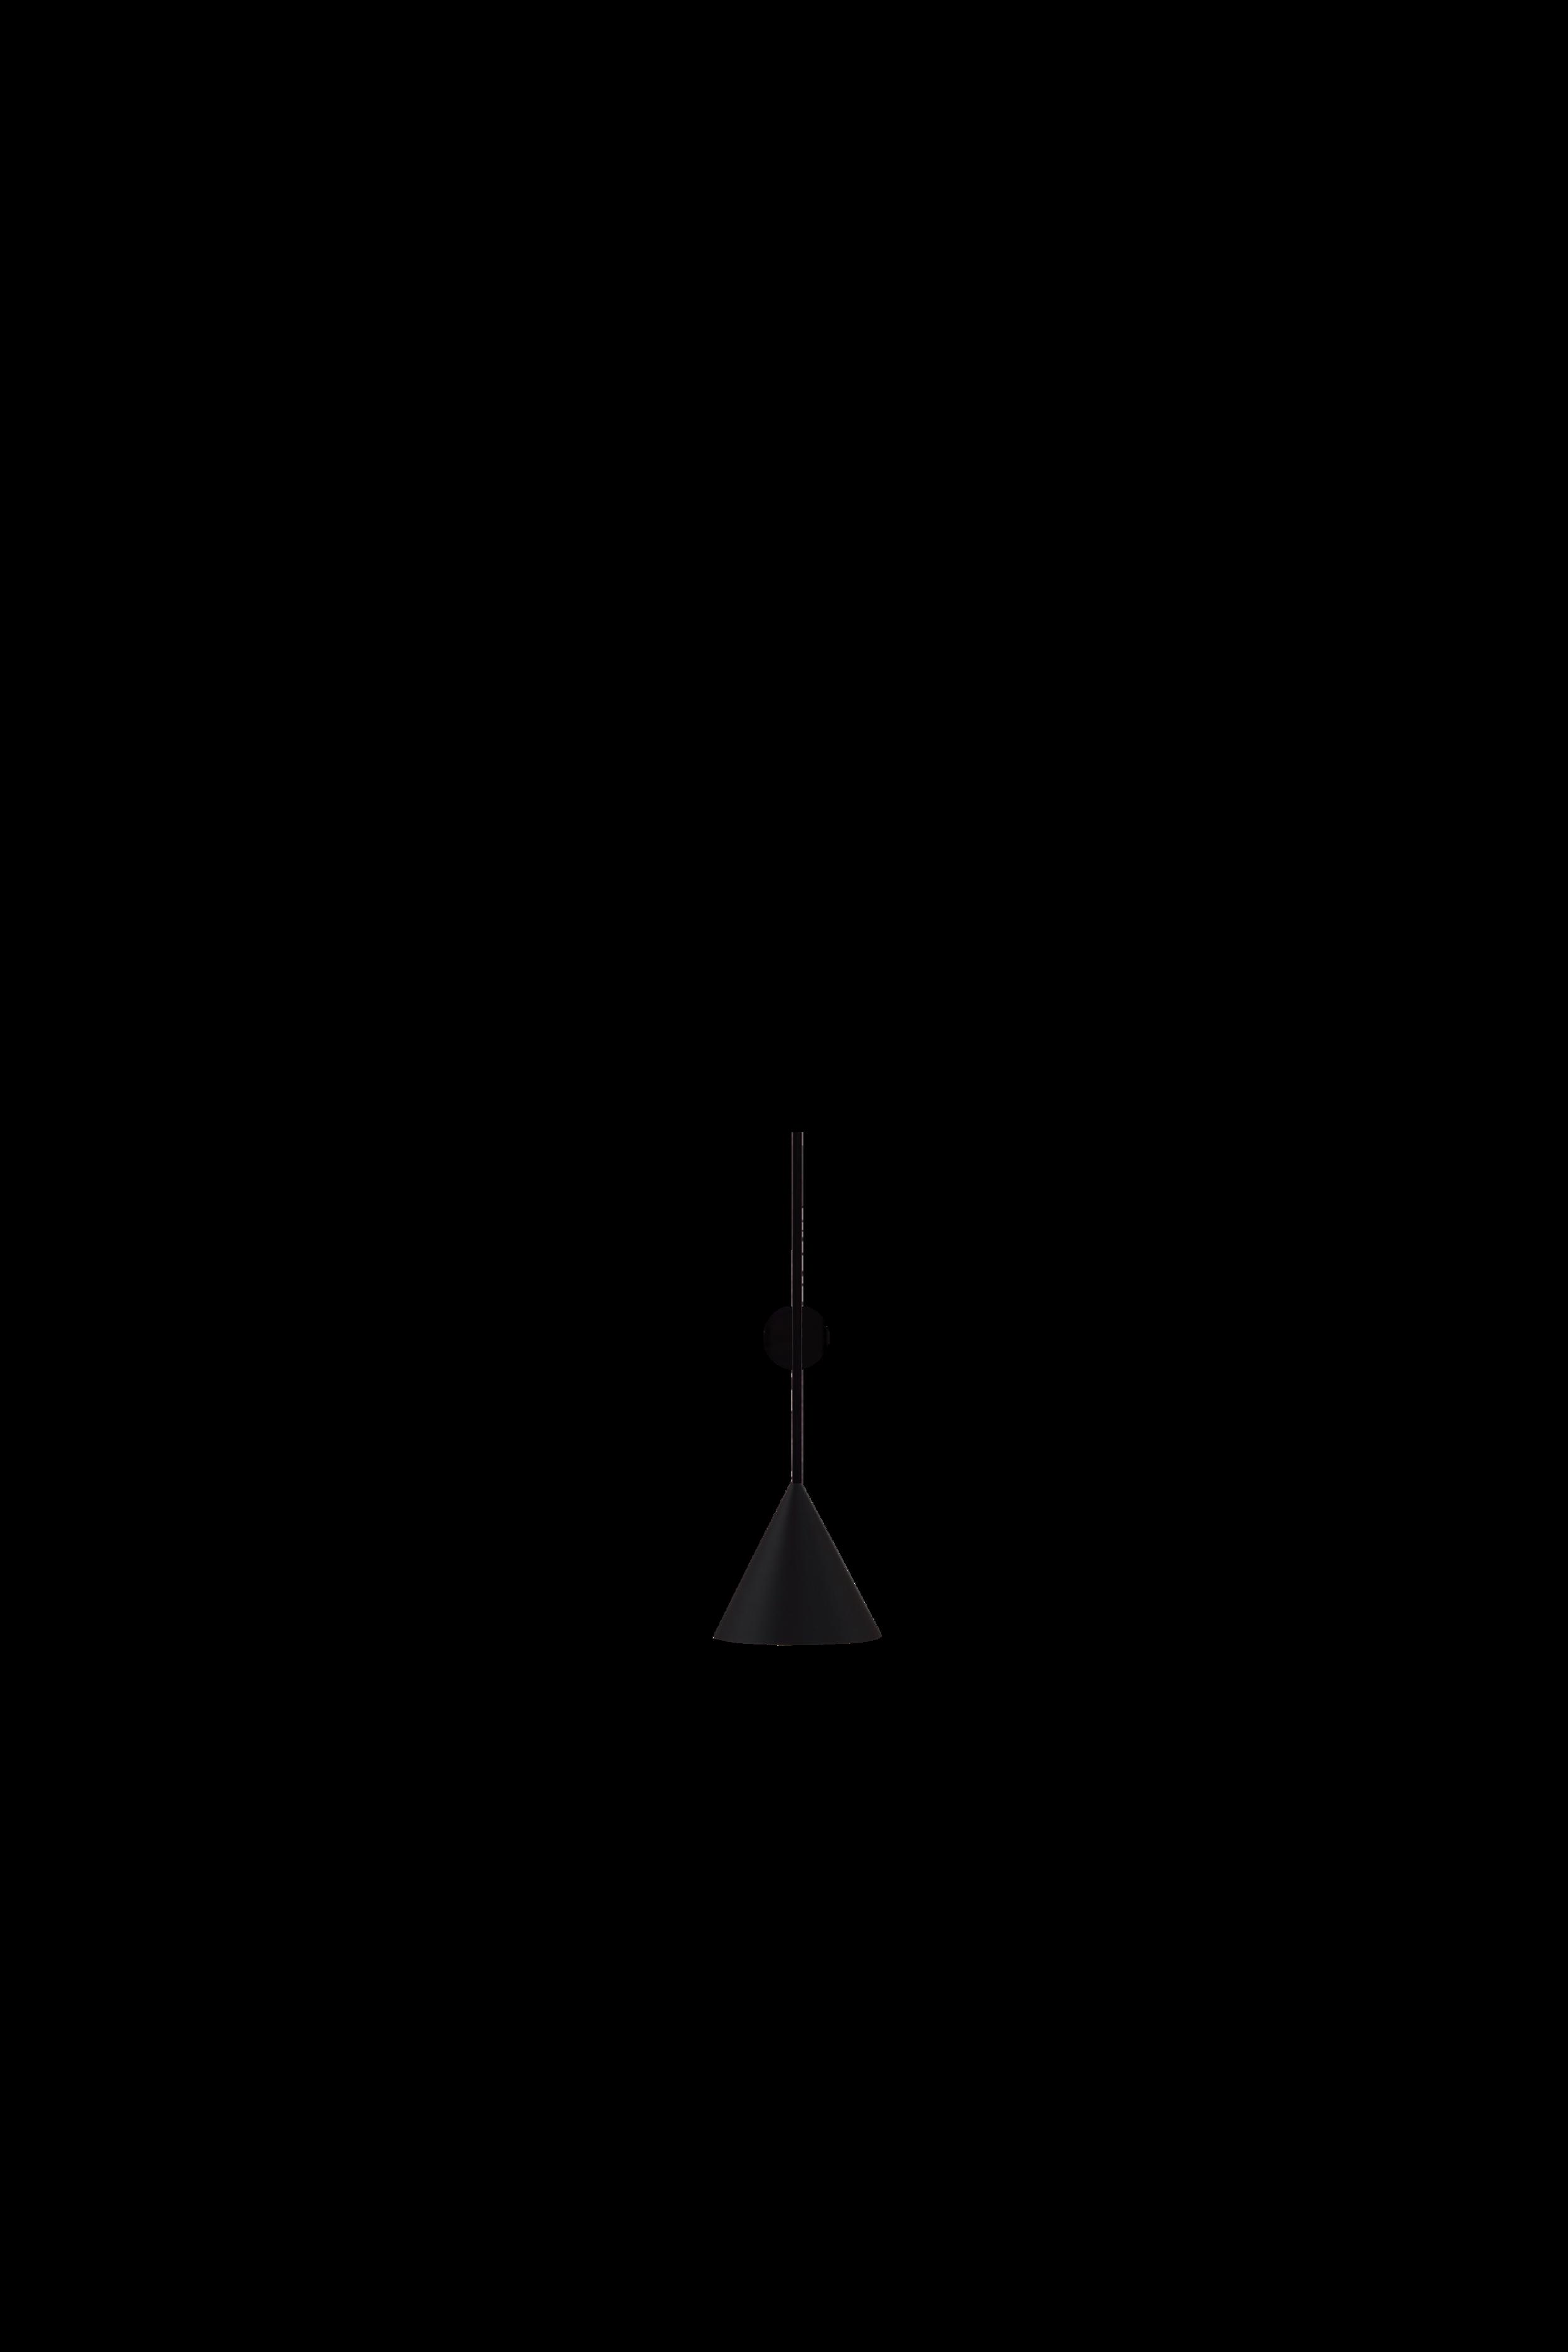 SINGLE WALL - SMALL CONE